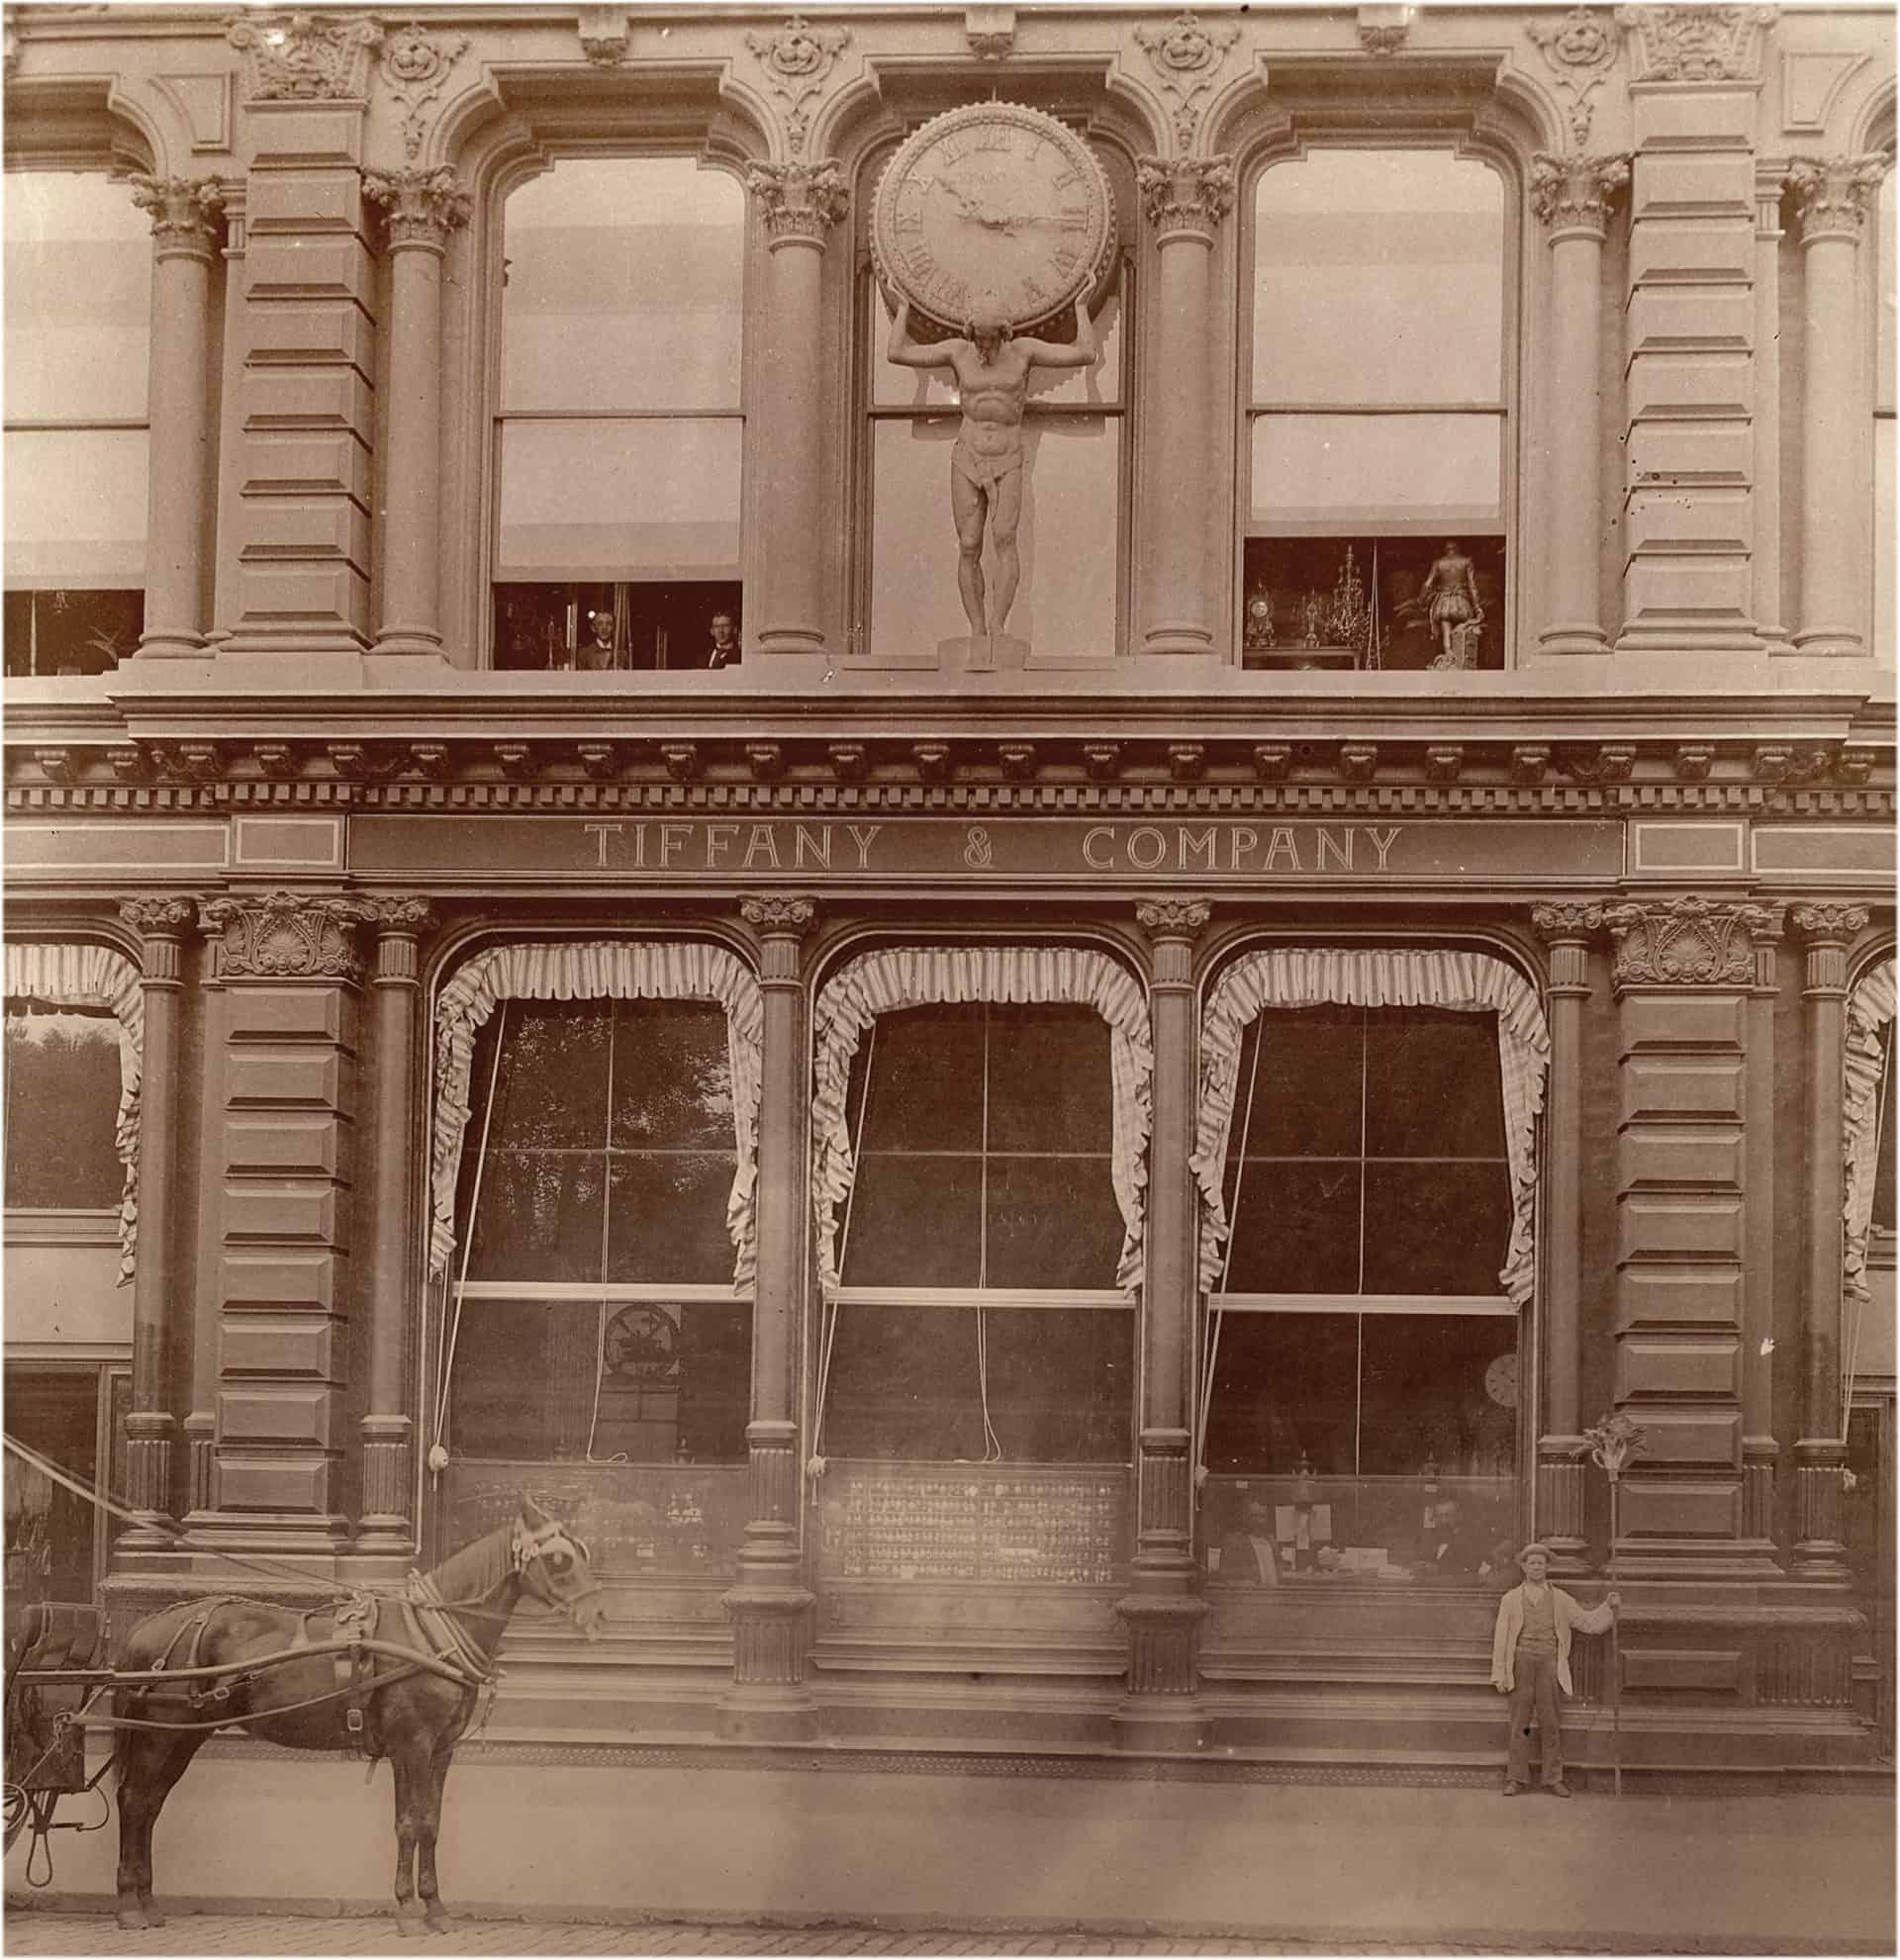 Tiffany Co. Union Square 1892